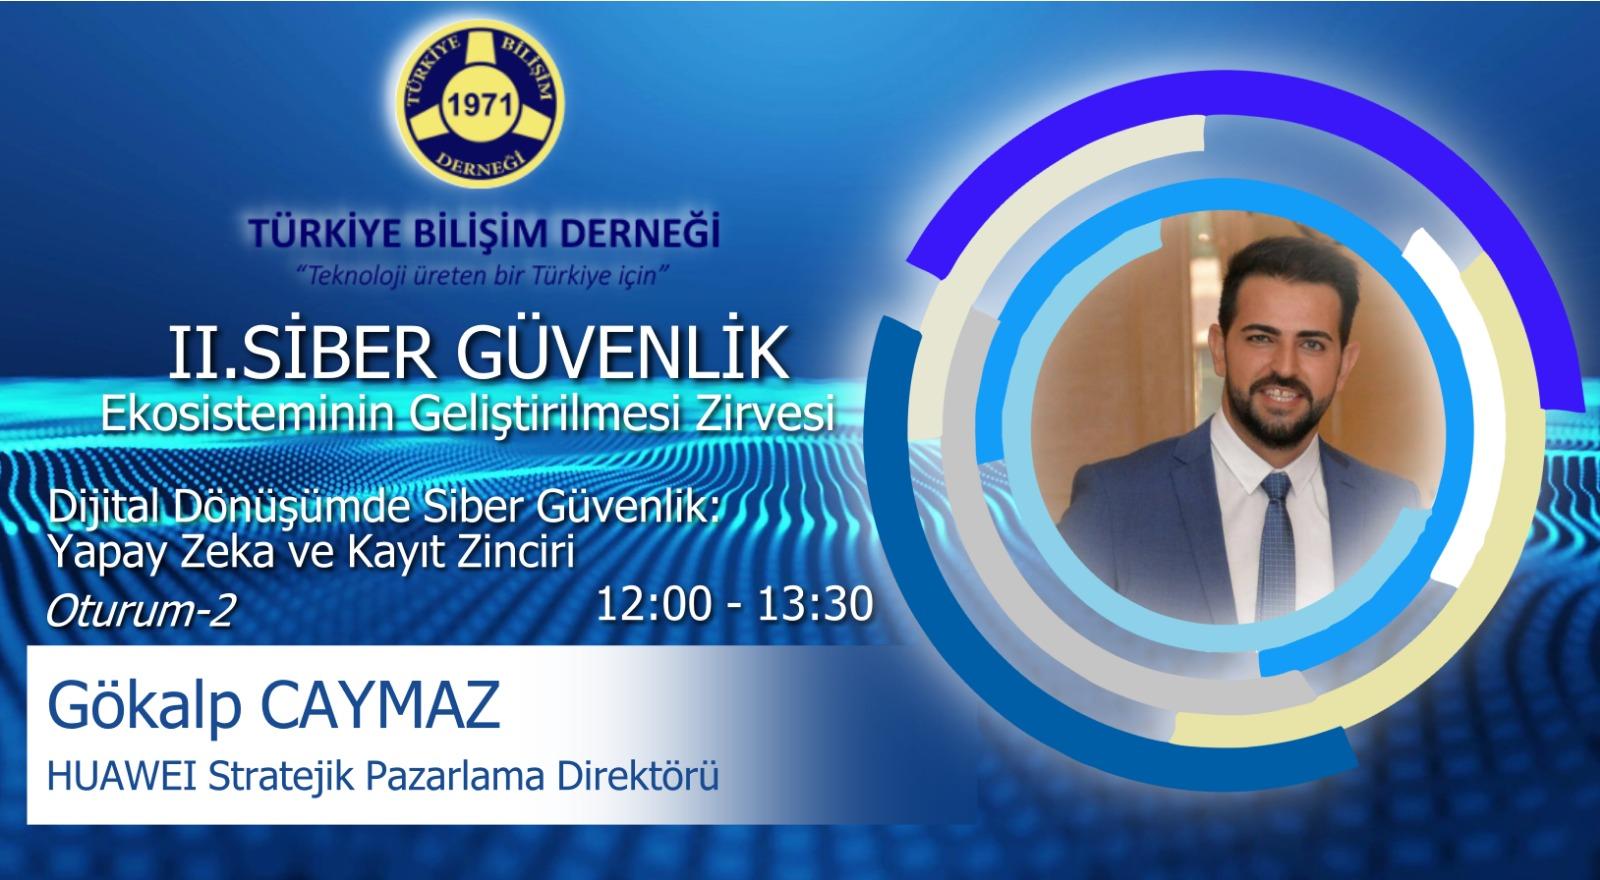 gokalp-caymaz-sgz-2019